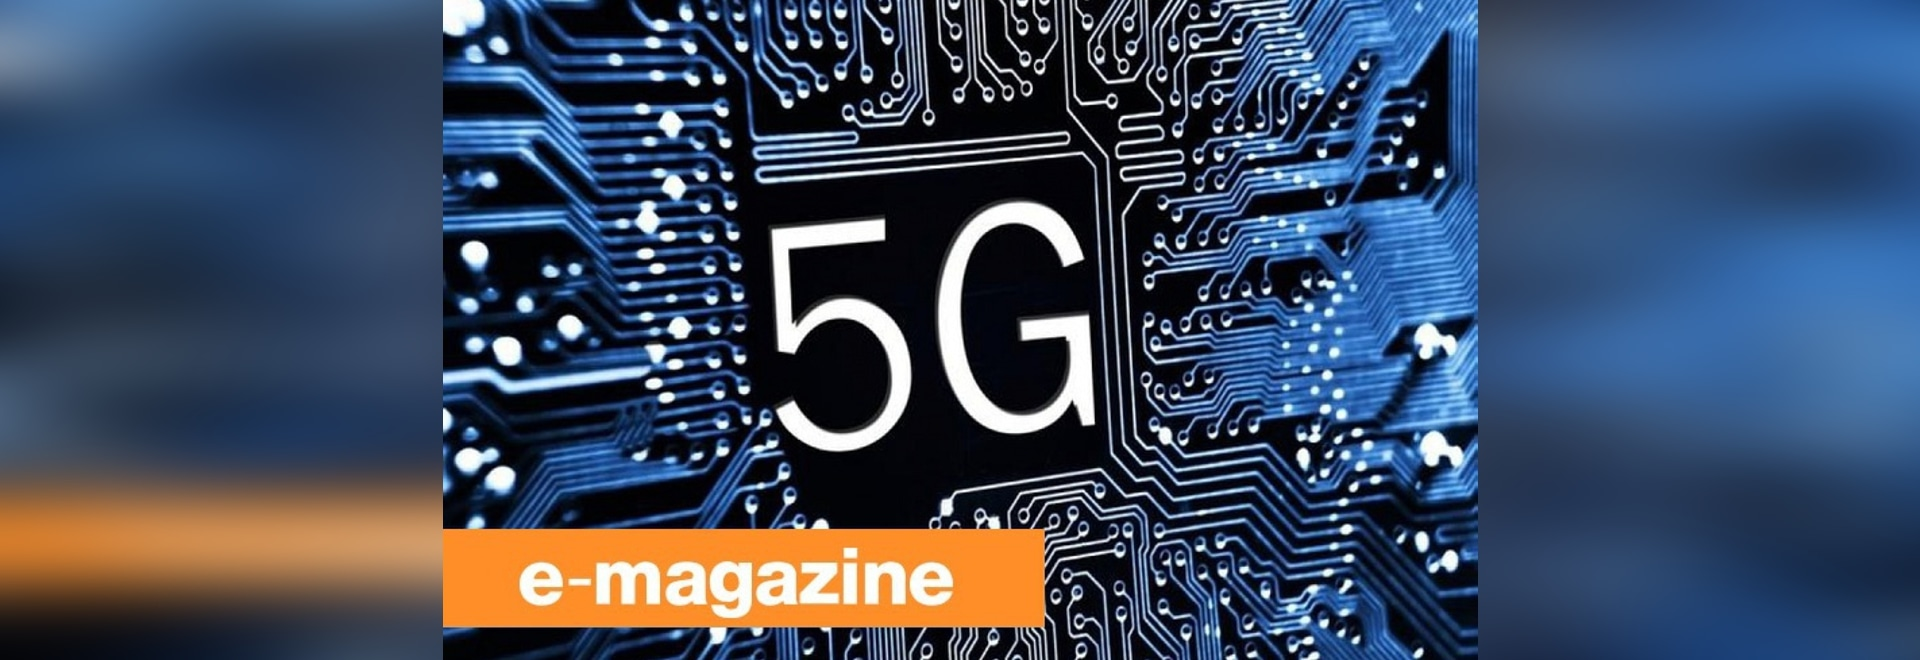 La norma 5G sta decollando